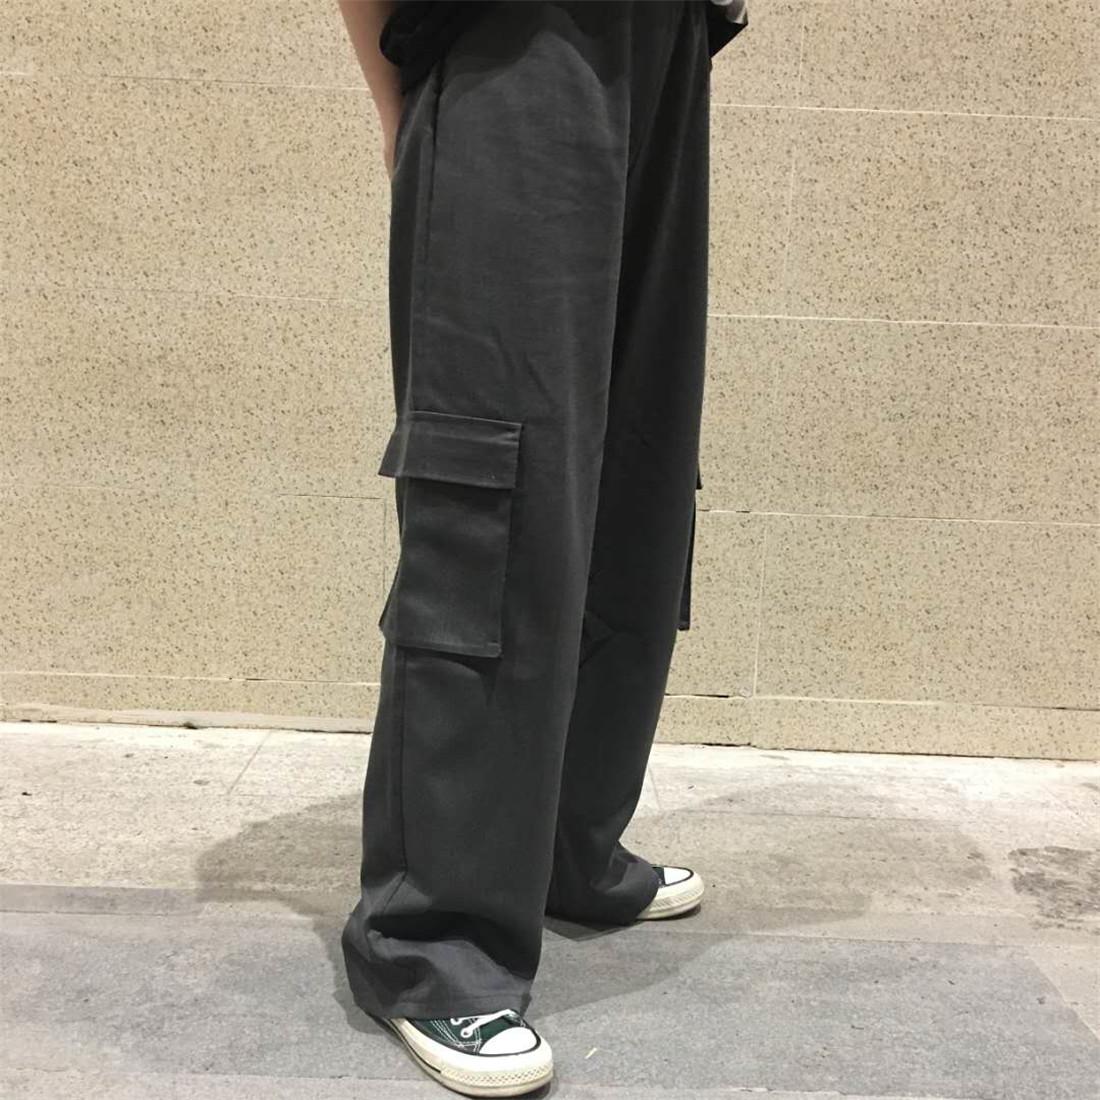 Hàn Quốc hãng phim Hàn Quốc người đàn ông và phụ nữ với các trường học cũ túi lớn Mỹ retro dụng cụ quần short